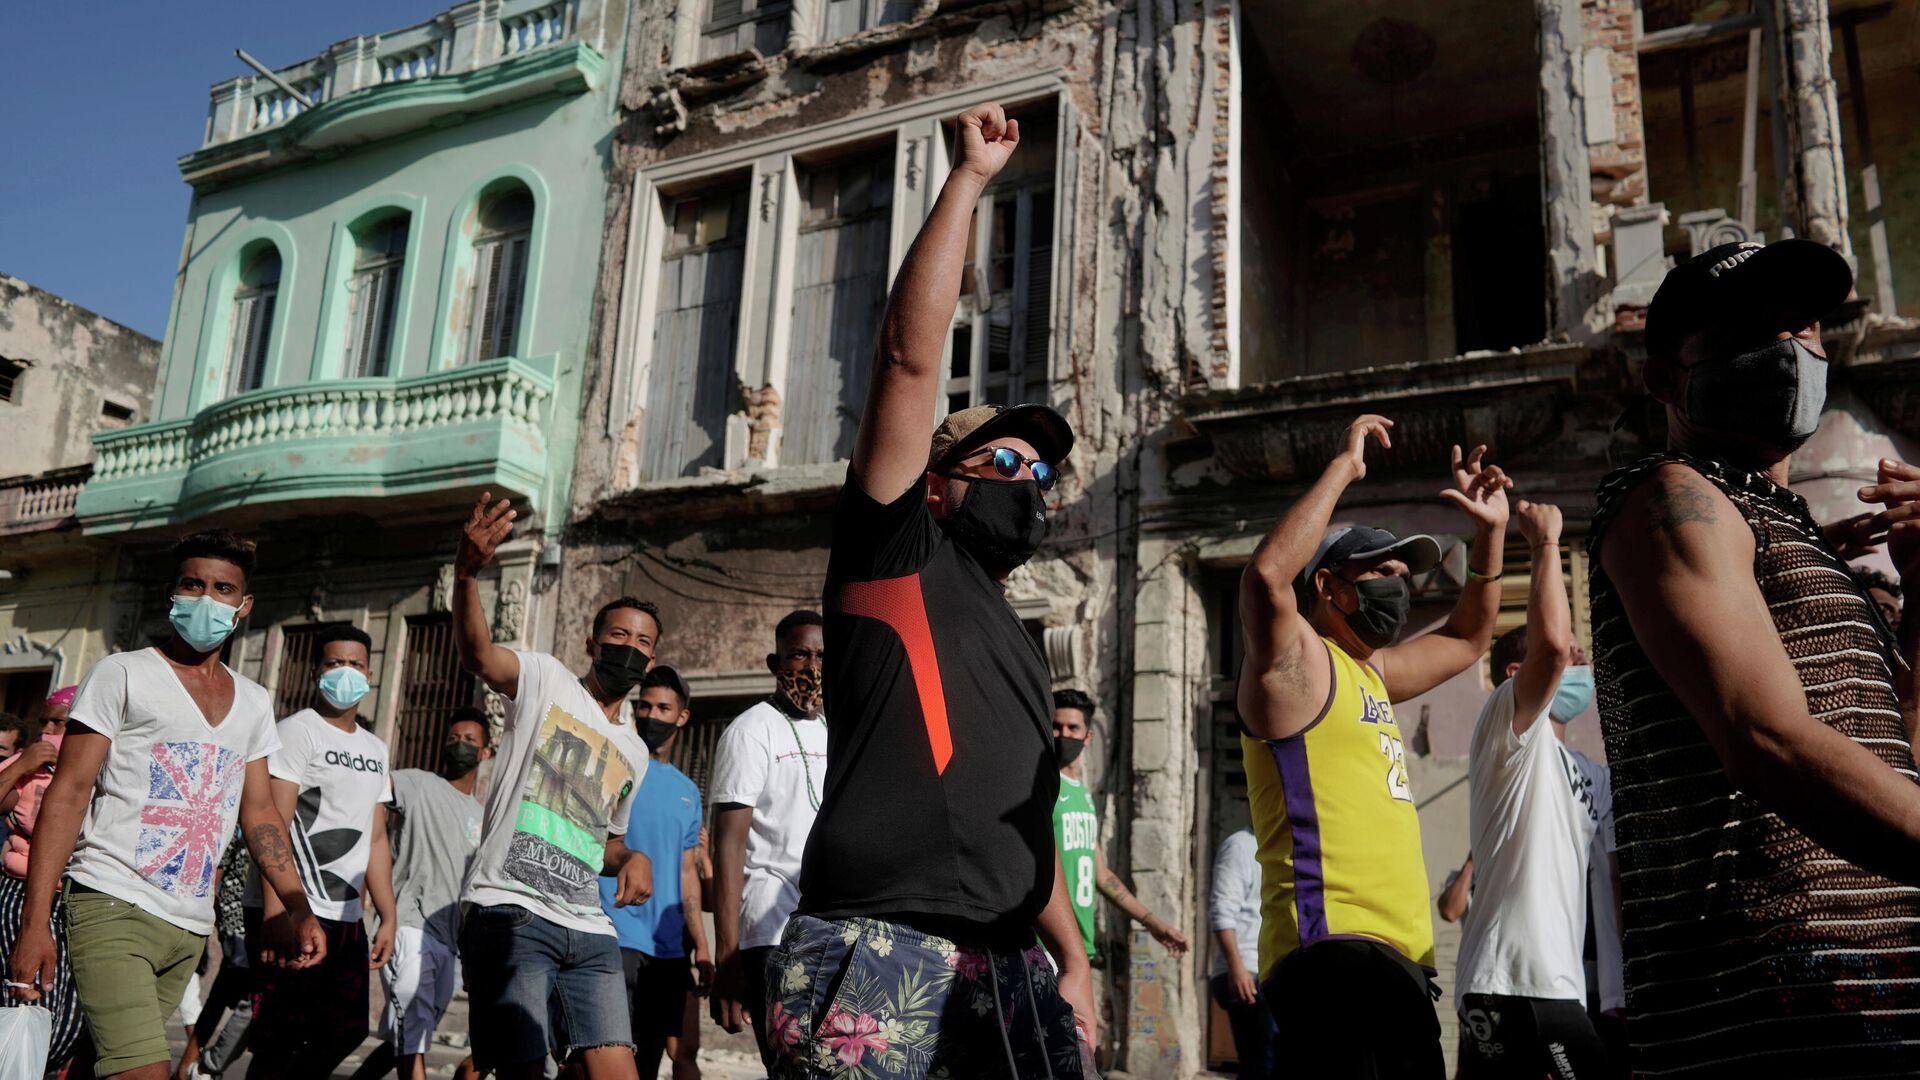 La gente durante una protesta contra y en apoyo al Gobierno, en medio del brote del coronavirus, en La Habana, Cuba, el 11 de julio de 2021 - Sputnik Mundo, 1920, 10.08.2021